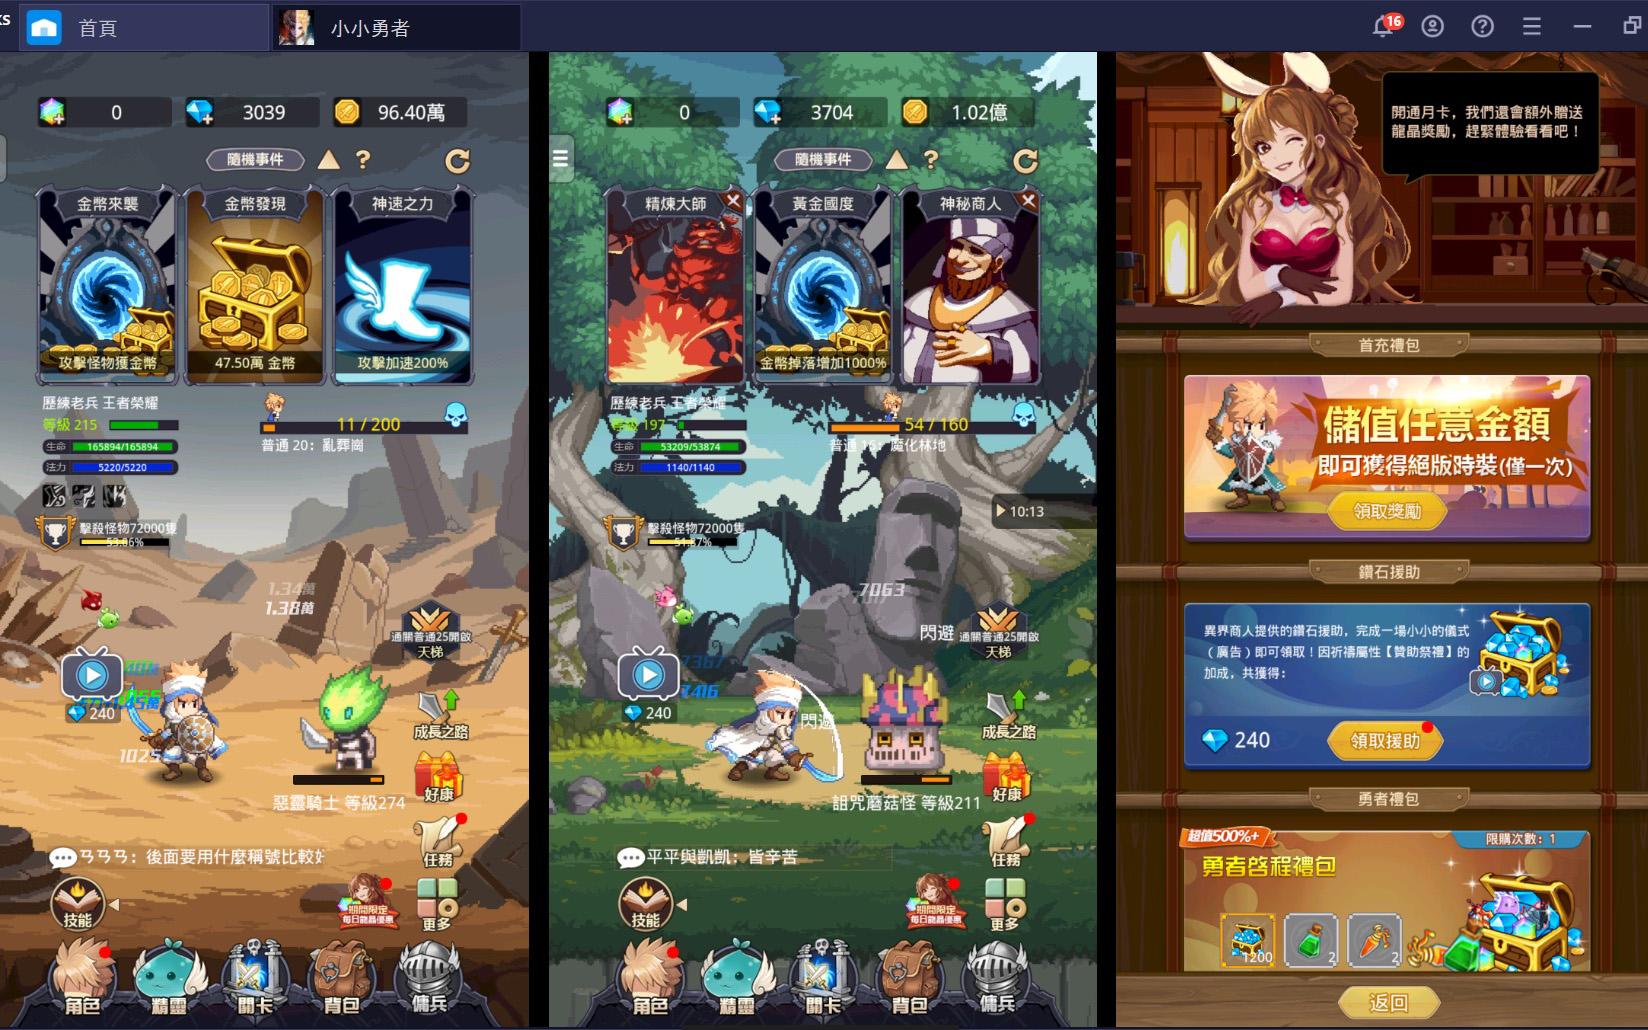 使用BlueStacks在PC上遊玩像素風休閒放置遊戲《小小勇者》